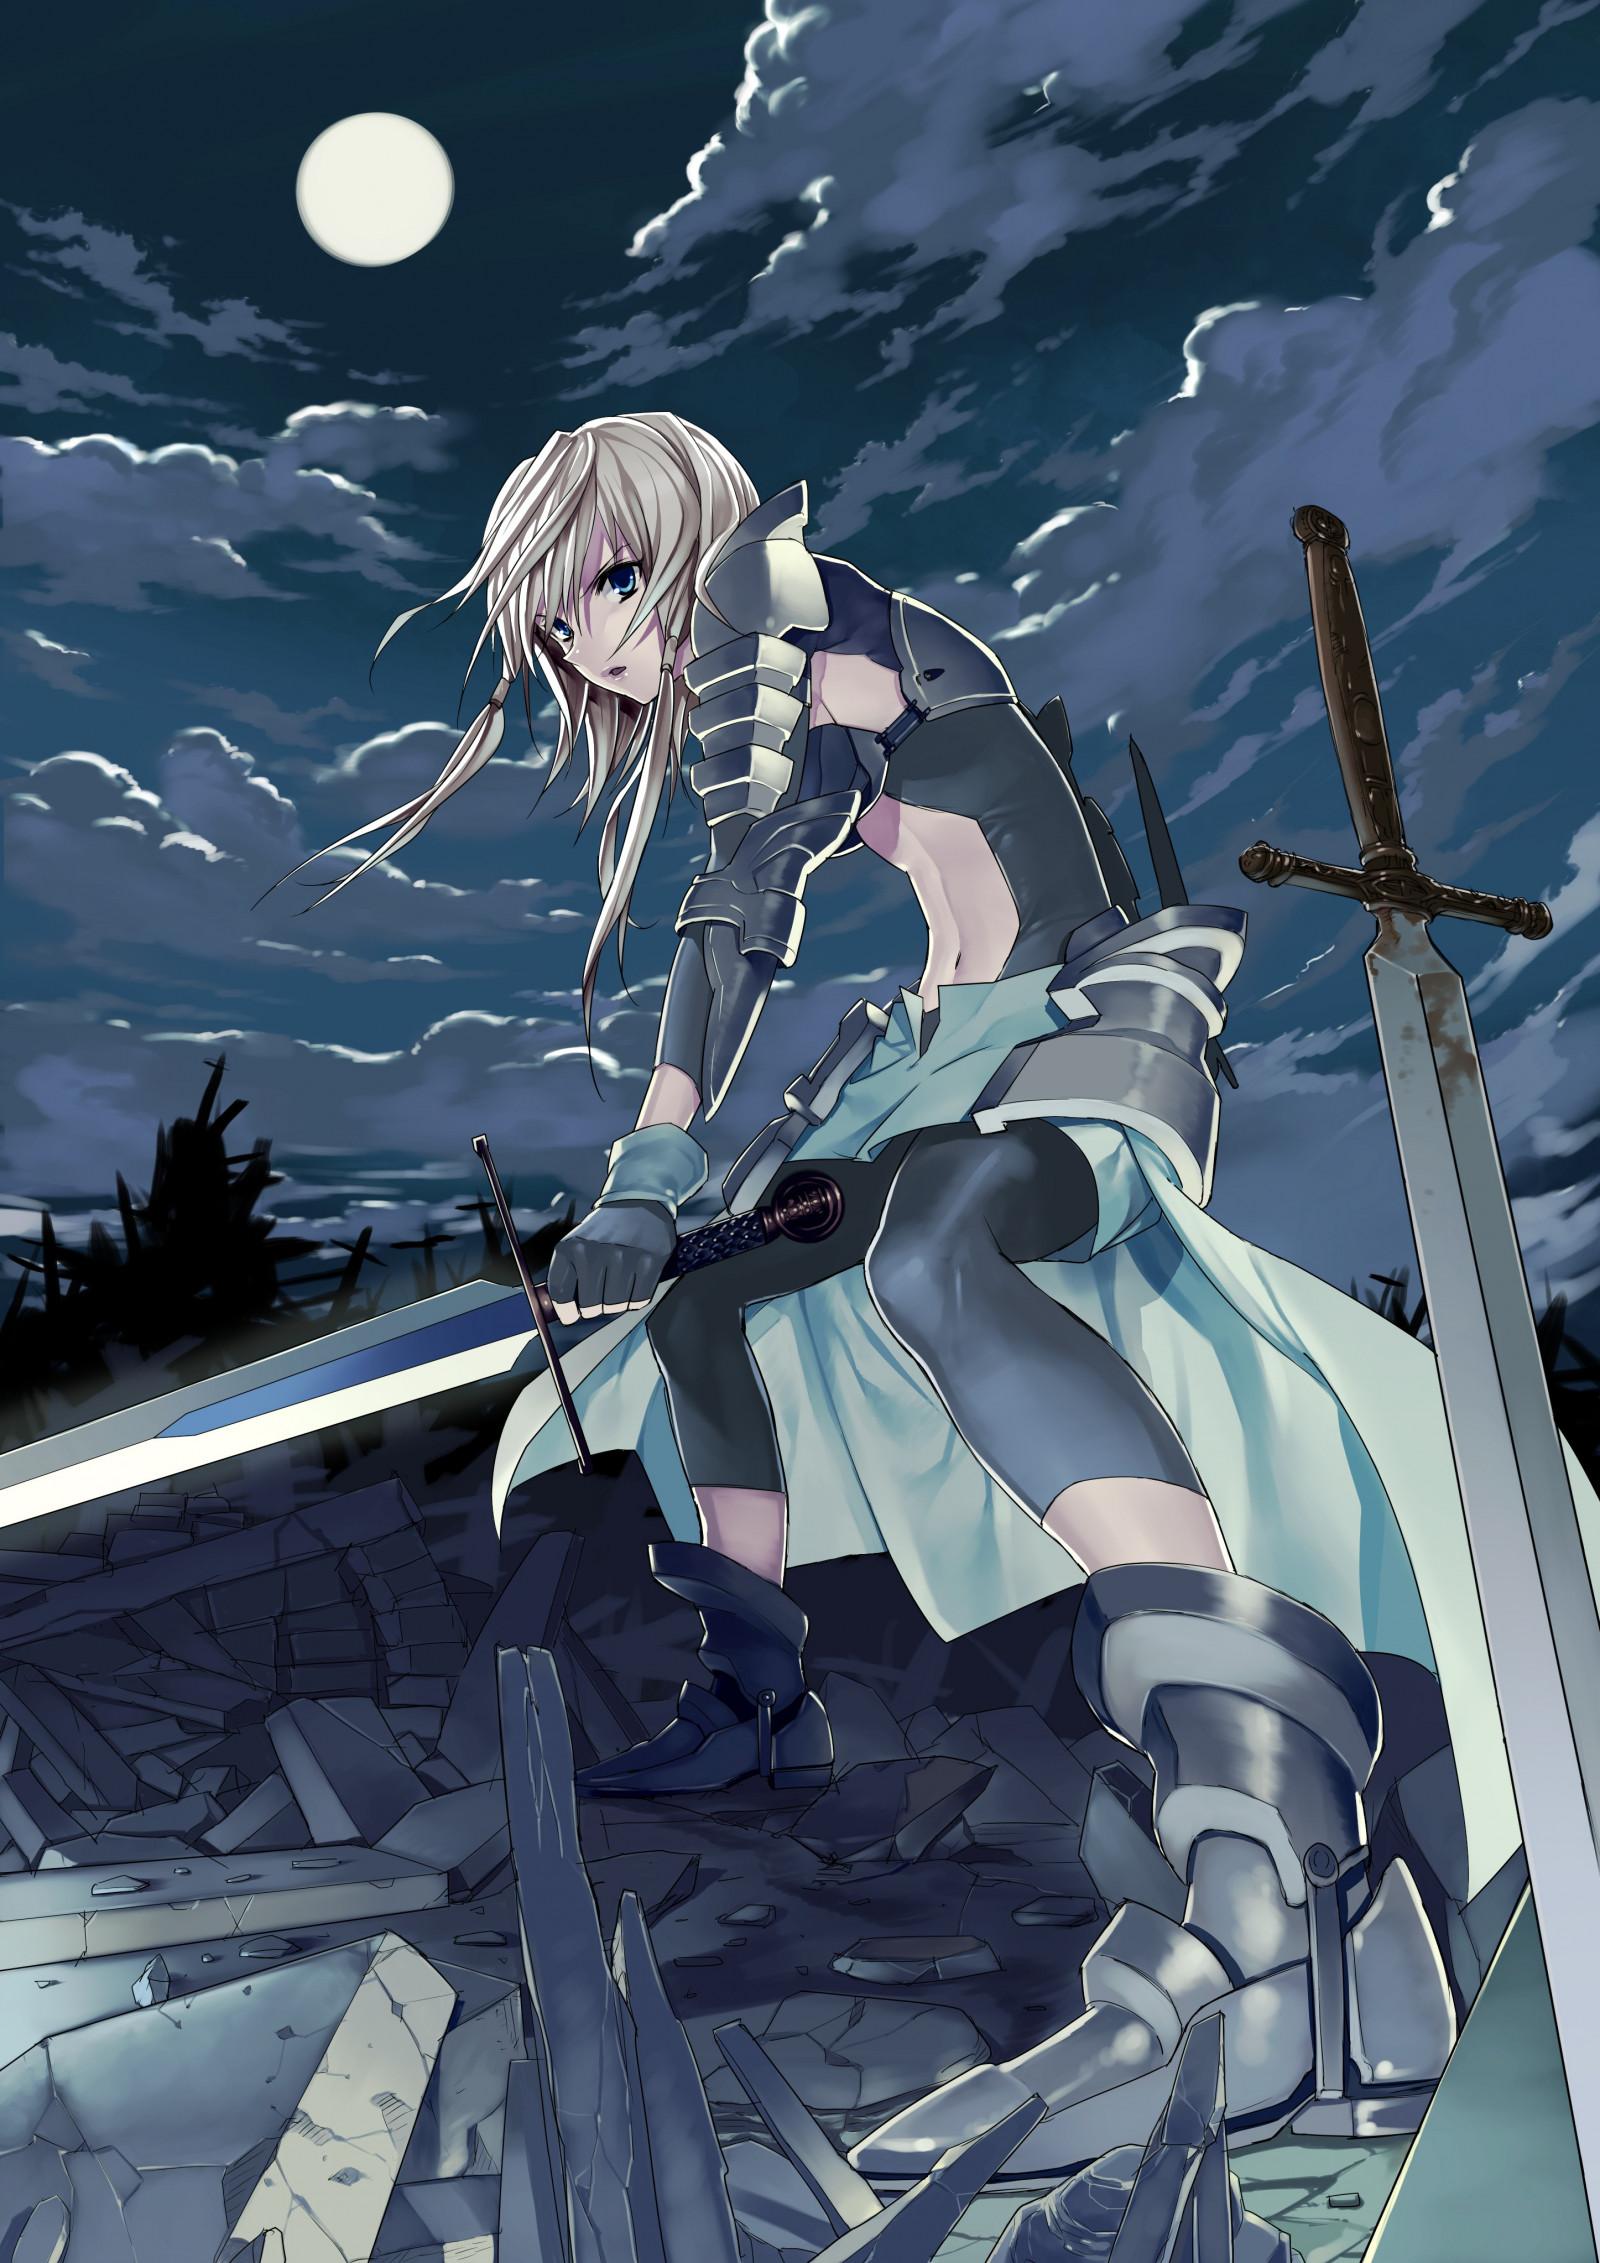 Gothic Girl Wallpaper Fantasy Wallpaper Fantasy Girl Blonde Night Long Hair Anime